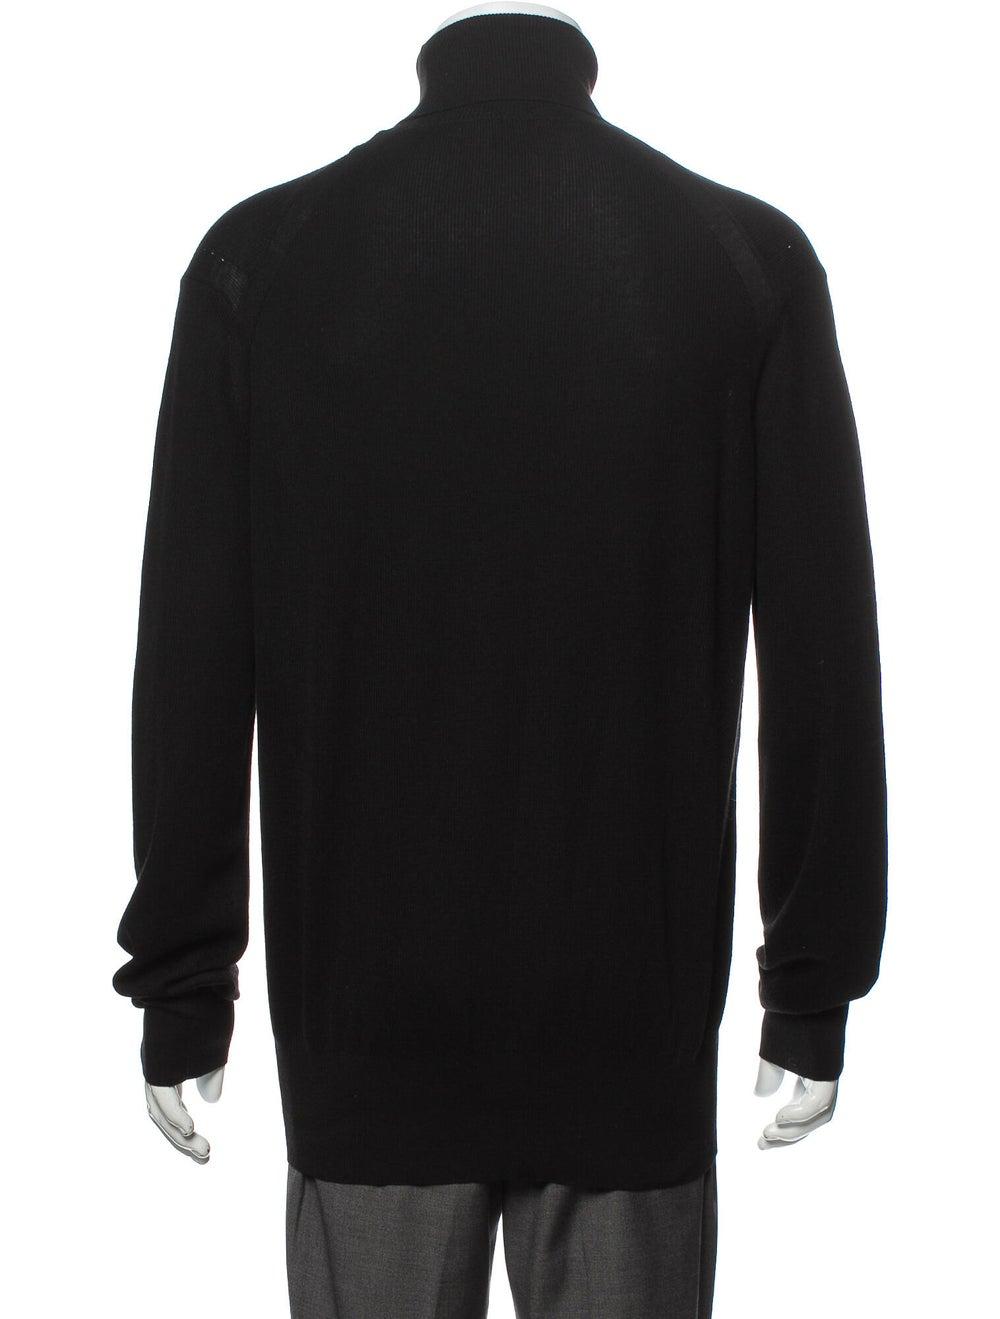 Tom Ford Cashmere Turtleneck Pullover Black - image 3